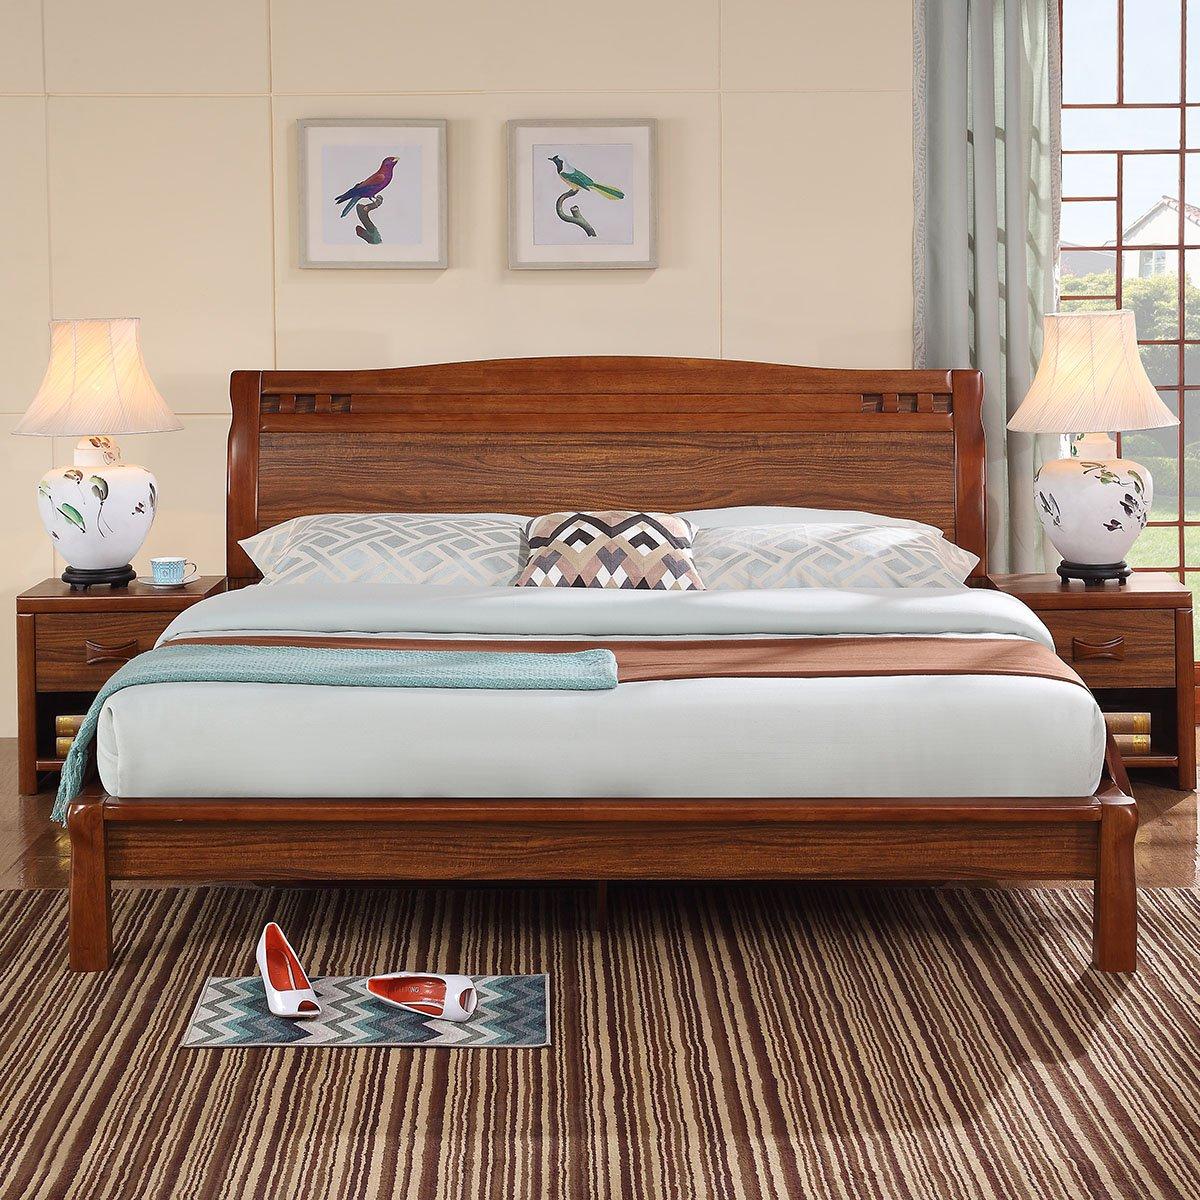 全友家居木床 全友实木床表-元珍商城